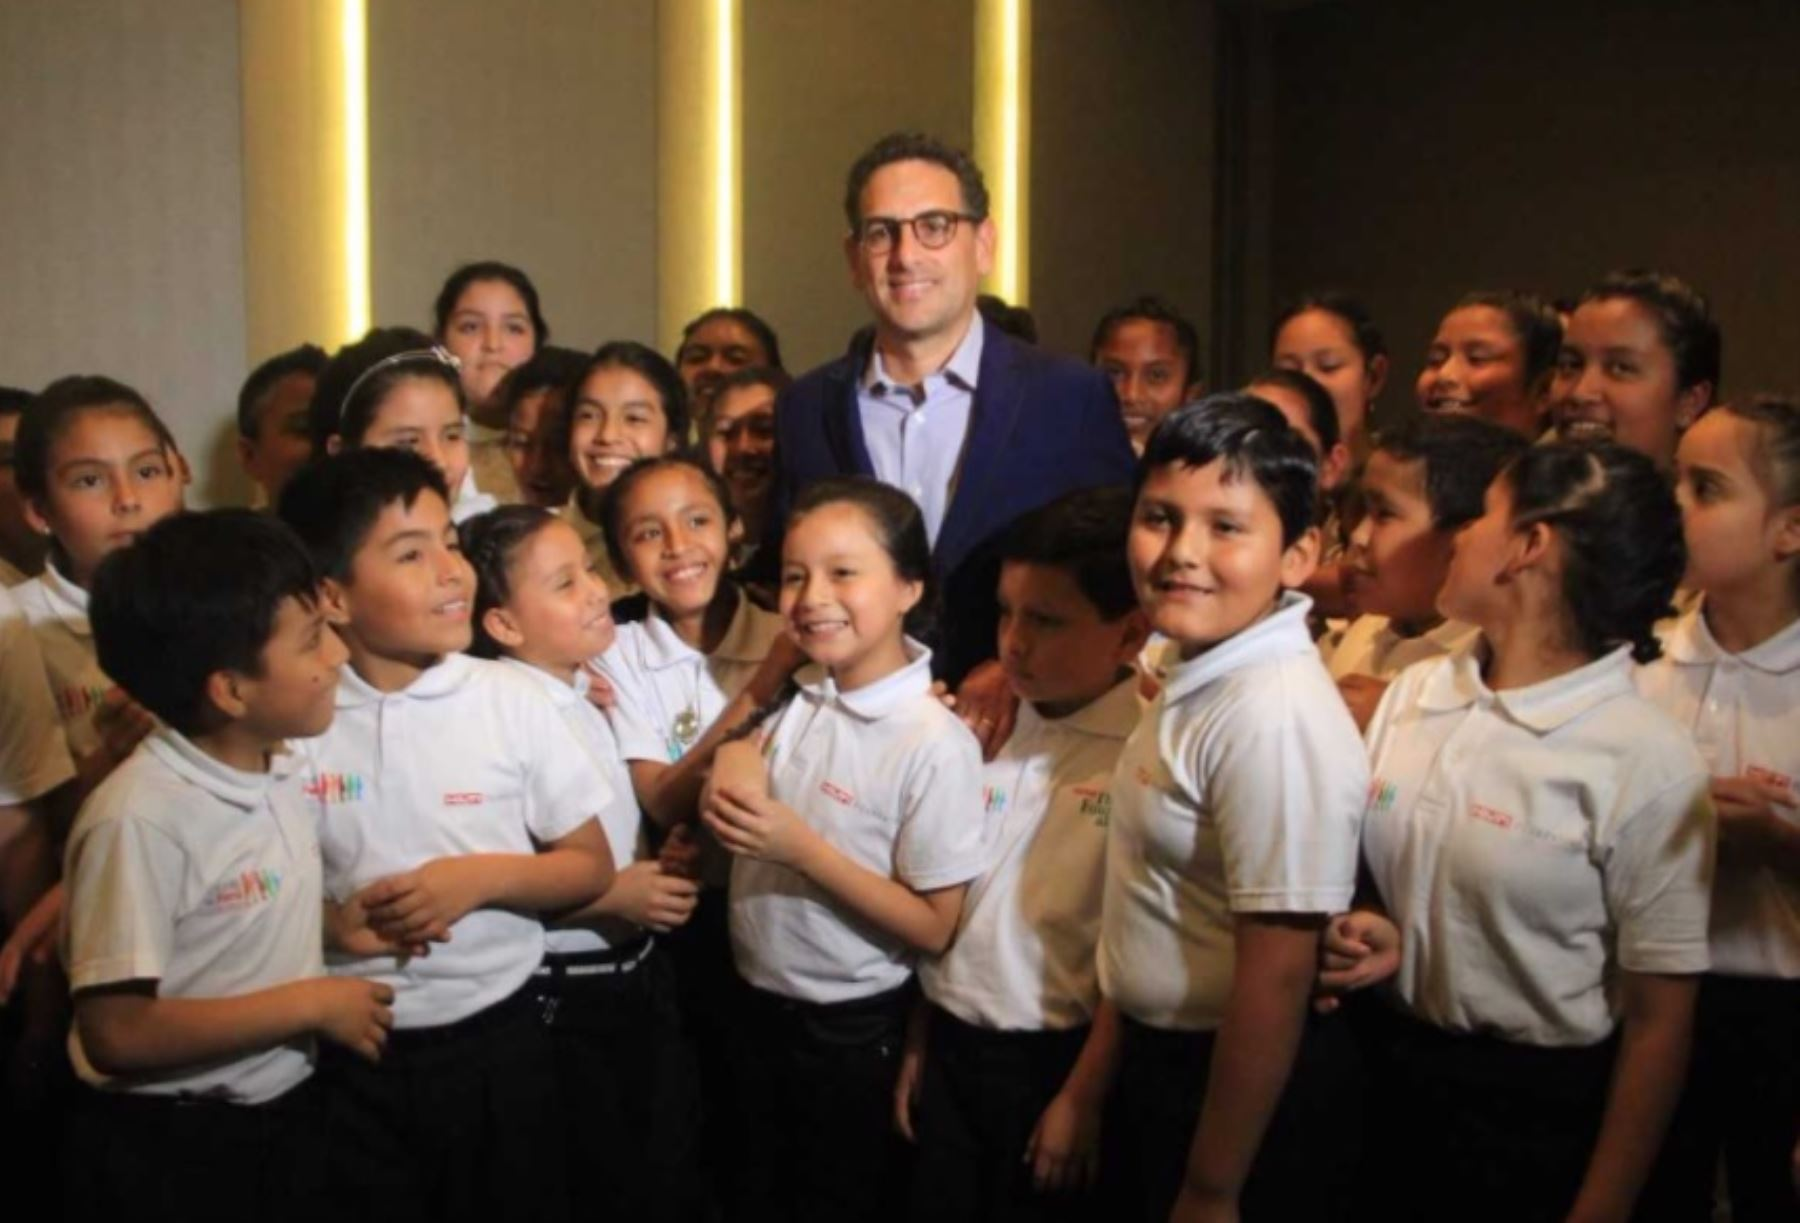 El tenor peruano Juan Diego Flórez, uno de los más importantes del mundo, ofrecerá esta noche un concierto a favor de las familias damnificadas por El Niño Costero, en la inauguración del teatro Víctor Raúl Lozano Ibáñez de la Universidad Privada Antenor Orrego.